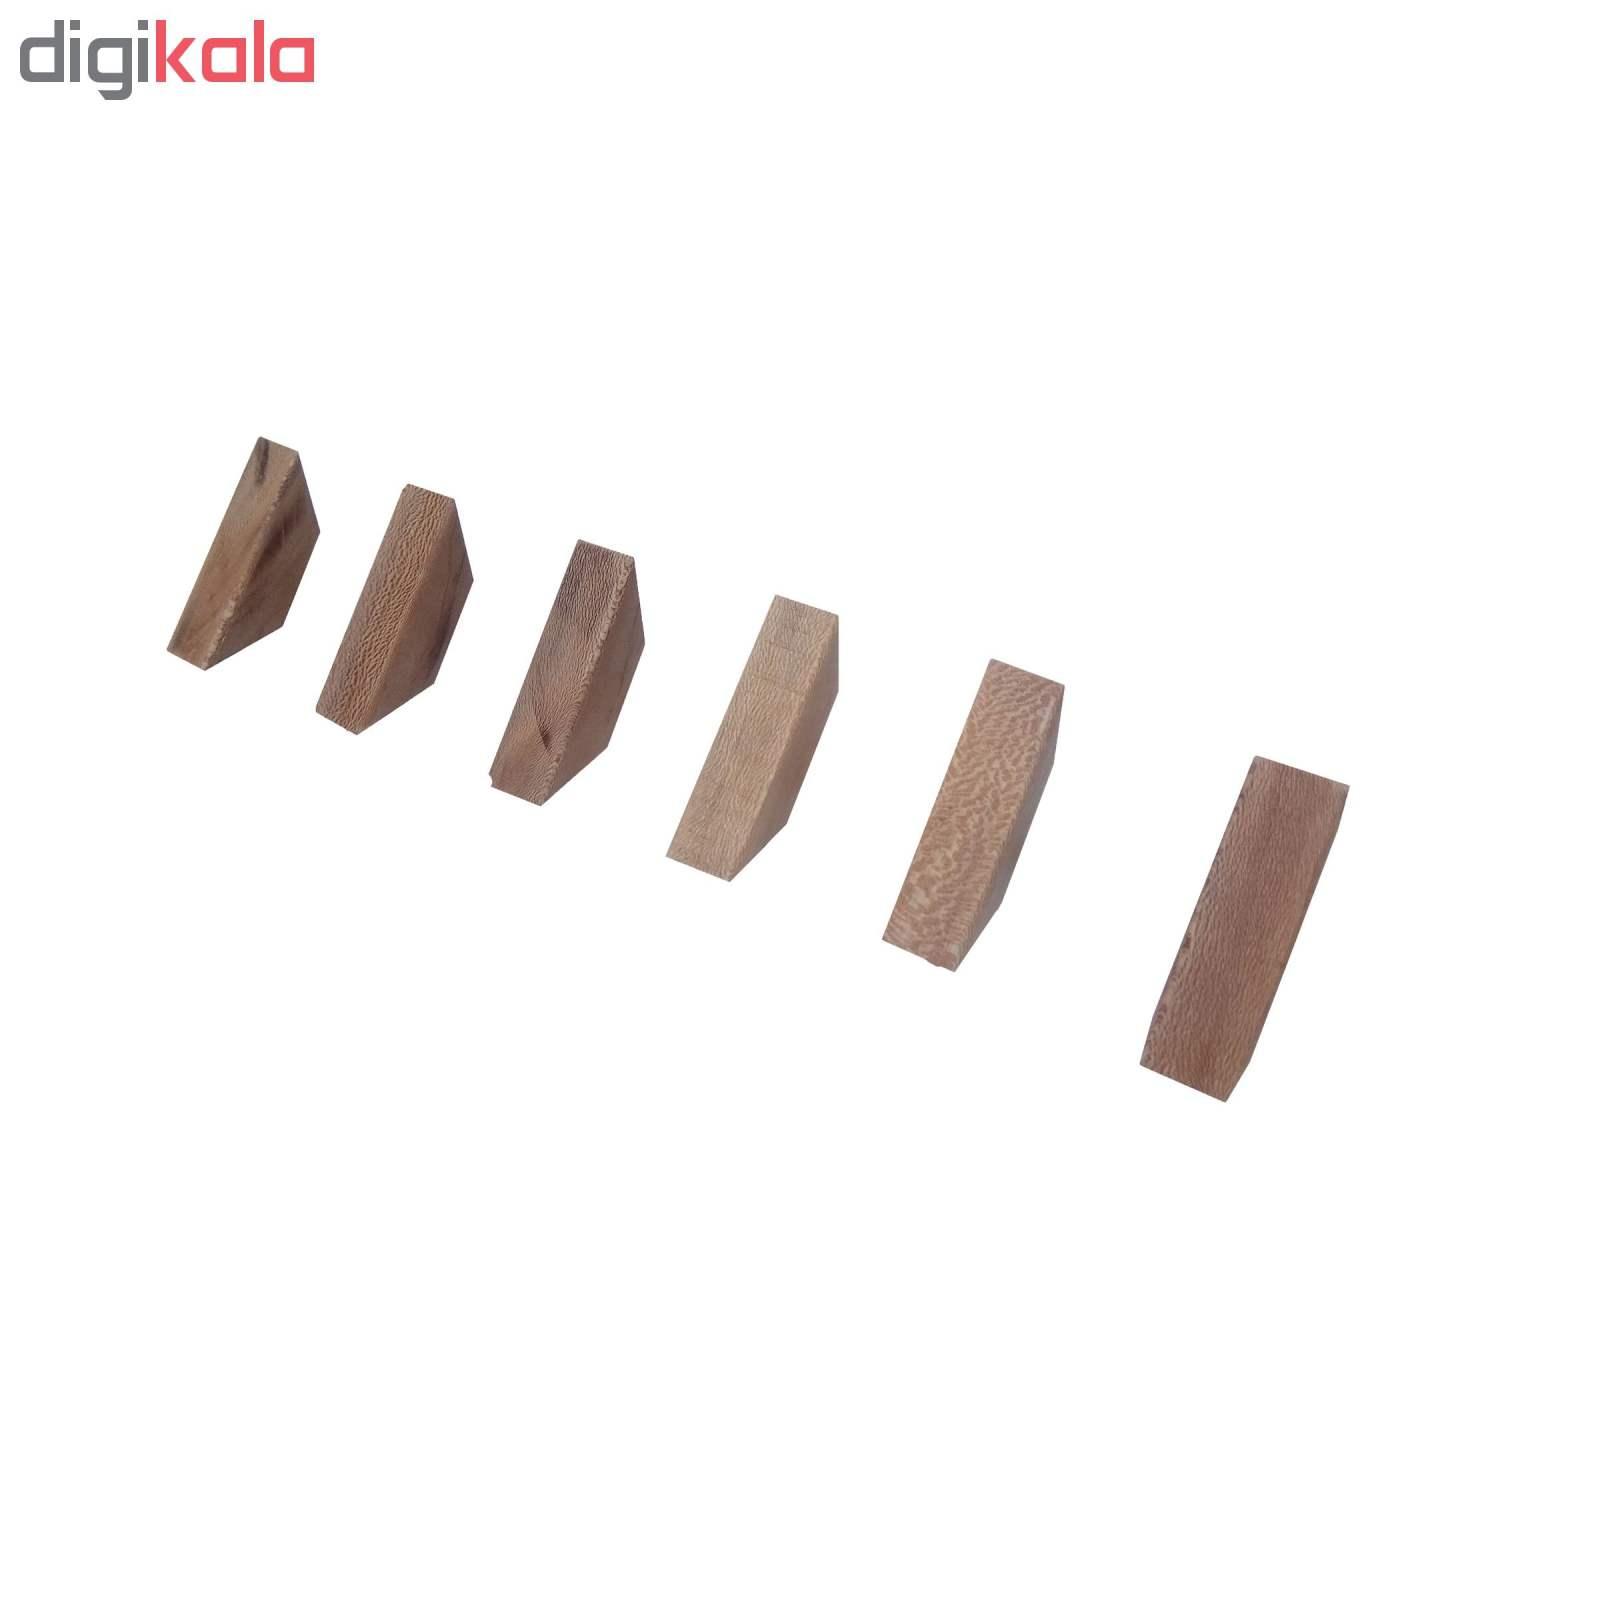 قلاب آویز لباس رخت اویز چوبی چوبیس کد ۷۰۲ بسته ۶ عددی main 1 4